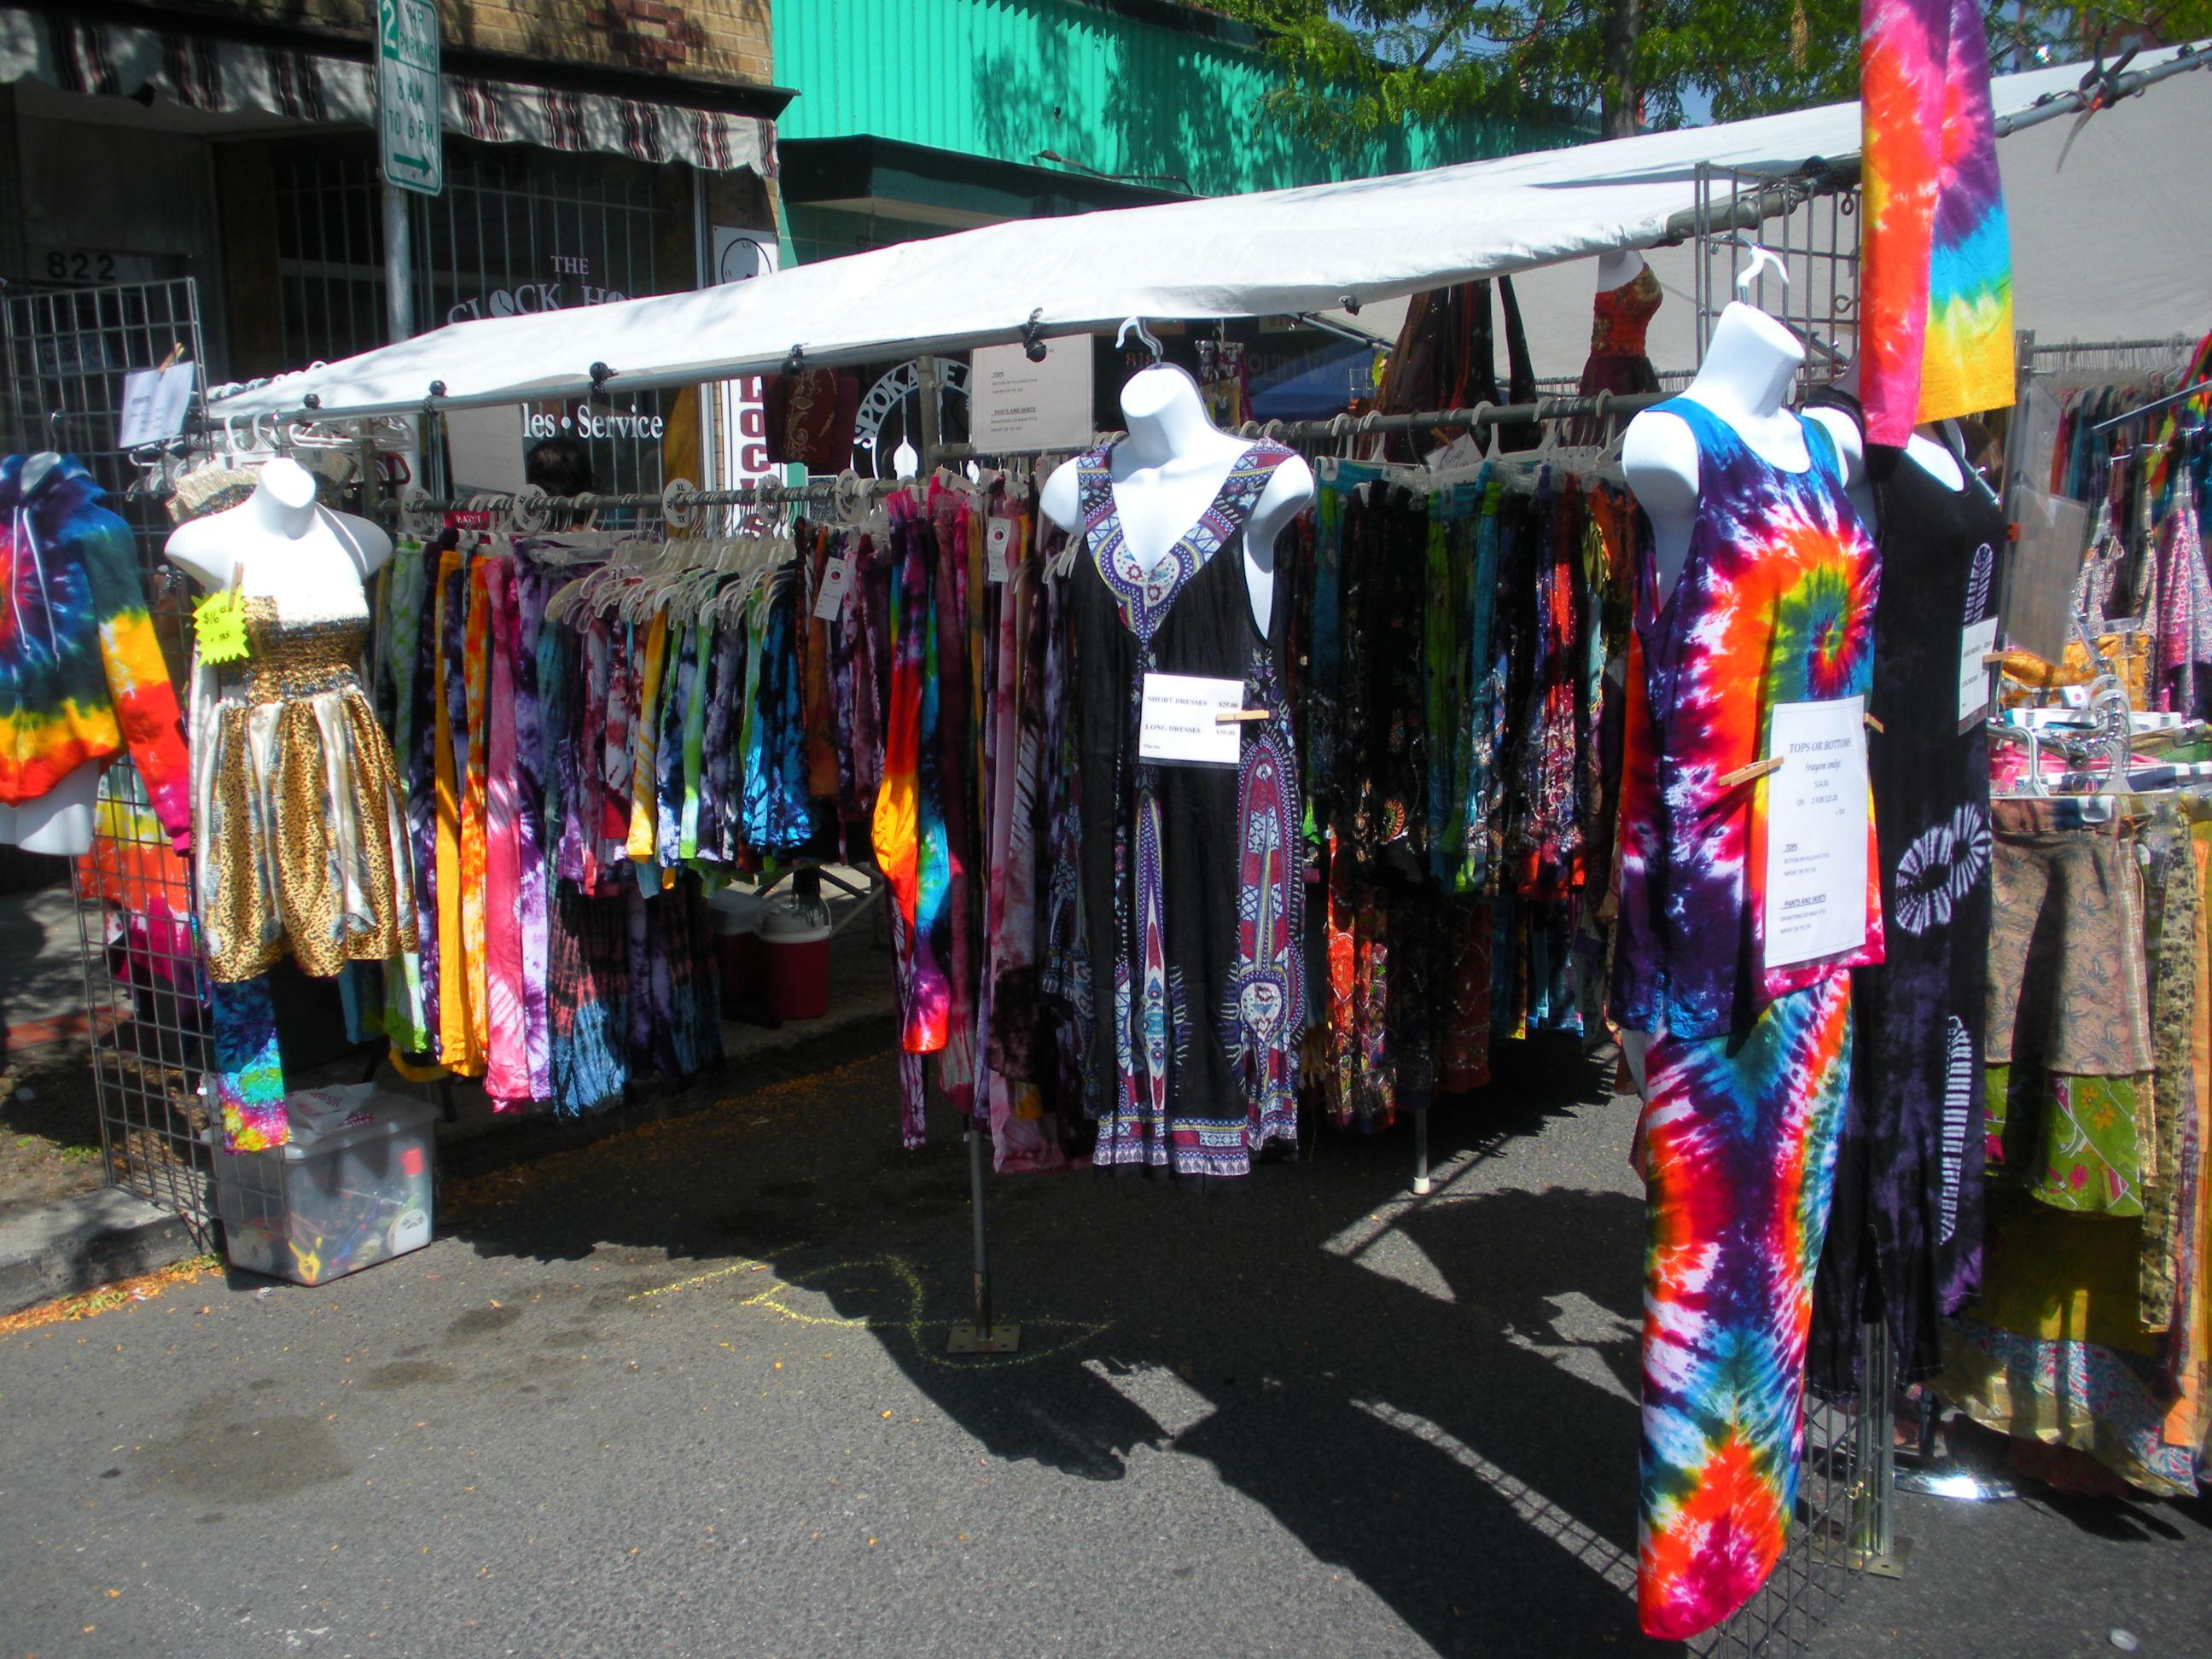 2012 August 11, Garland Street Fair 011